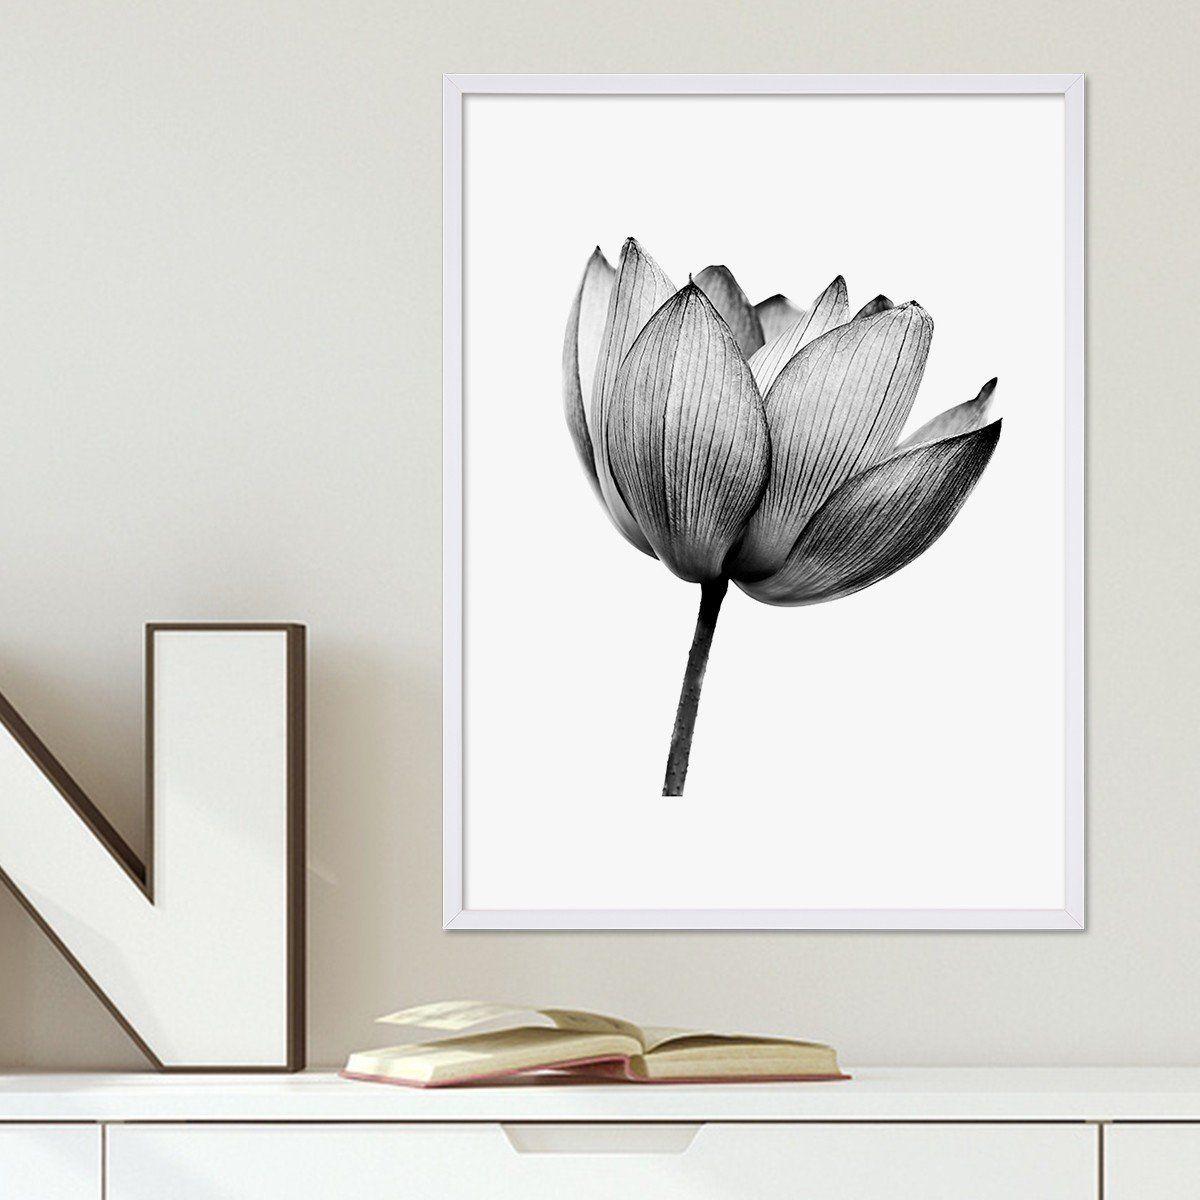 Bilderrahmen Küche | Design Poster Mit Bilderrahmen Weiss Lotus 30x40 Cm Schwarz